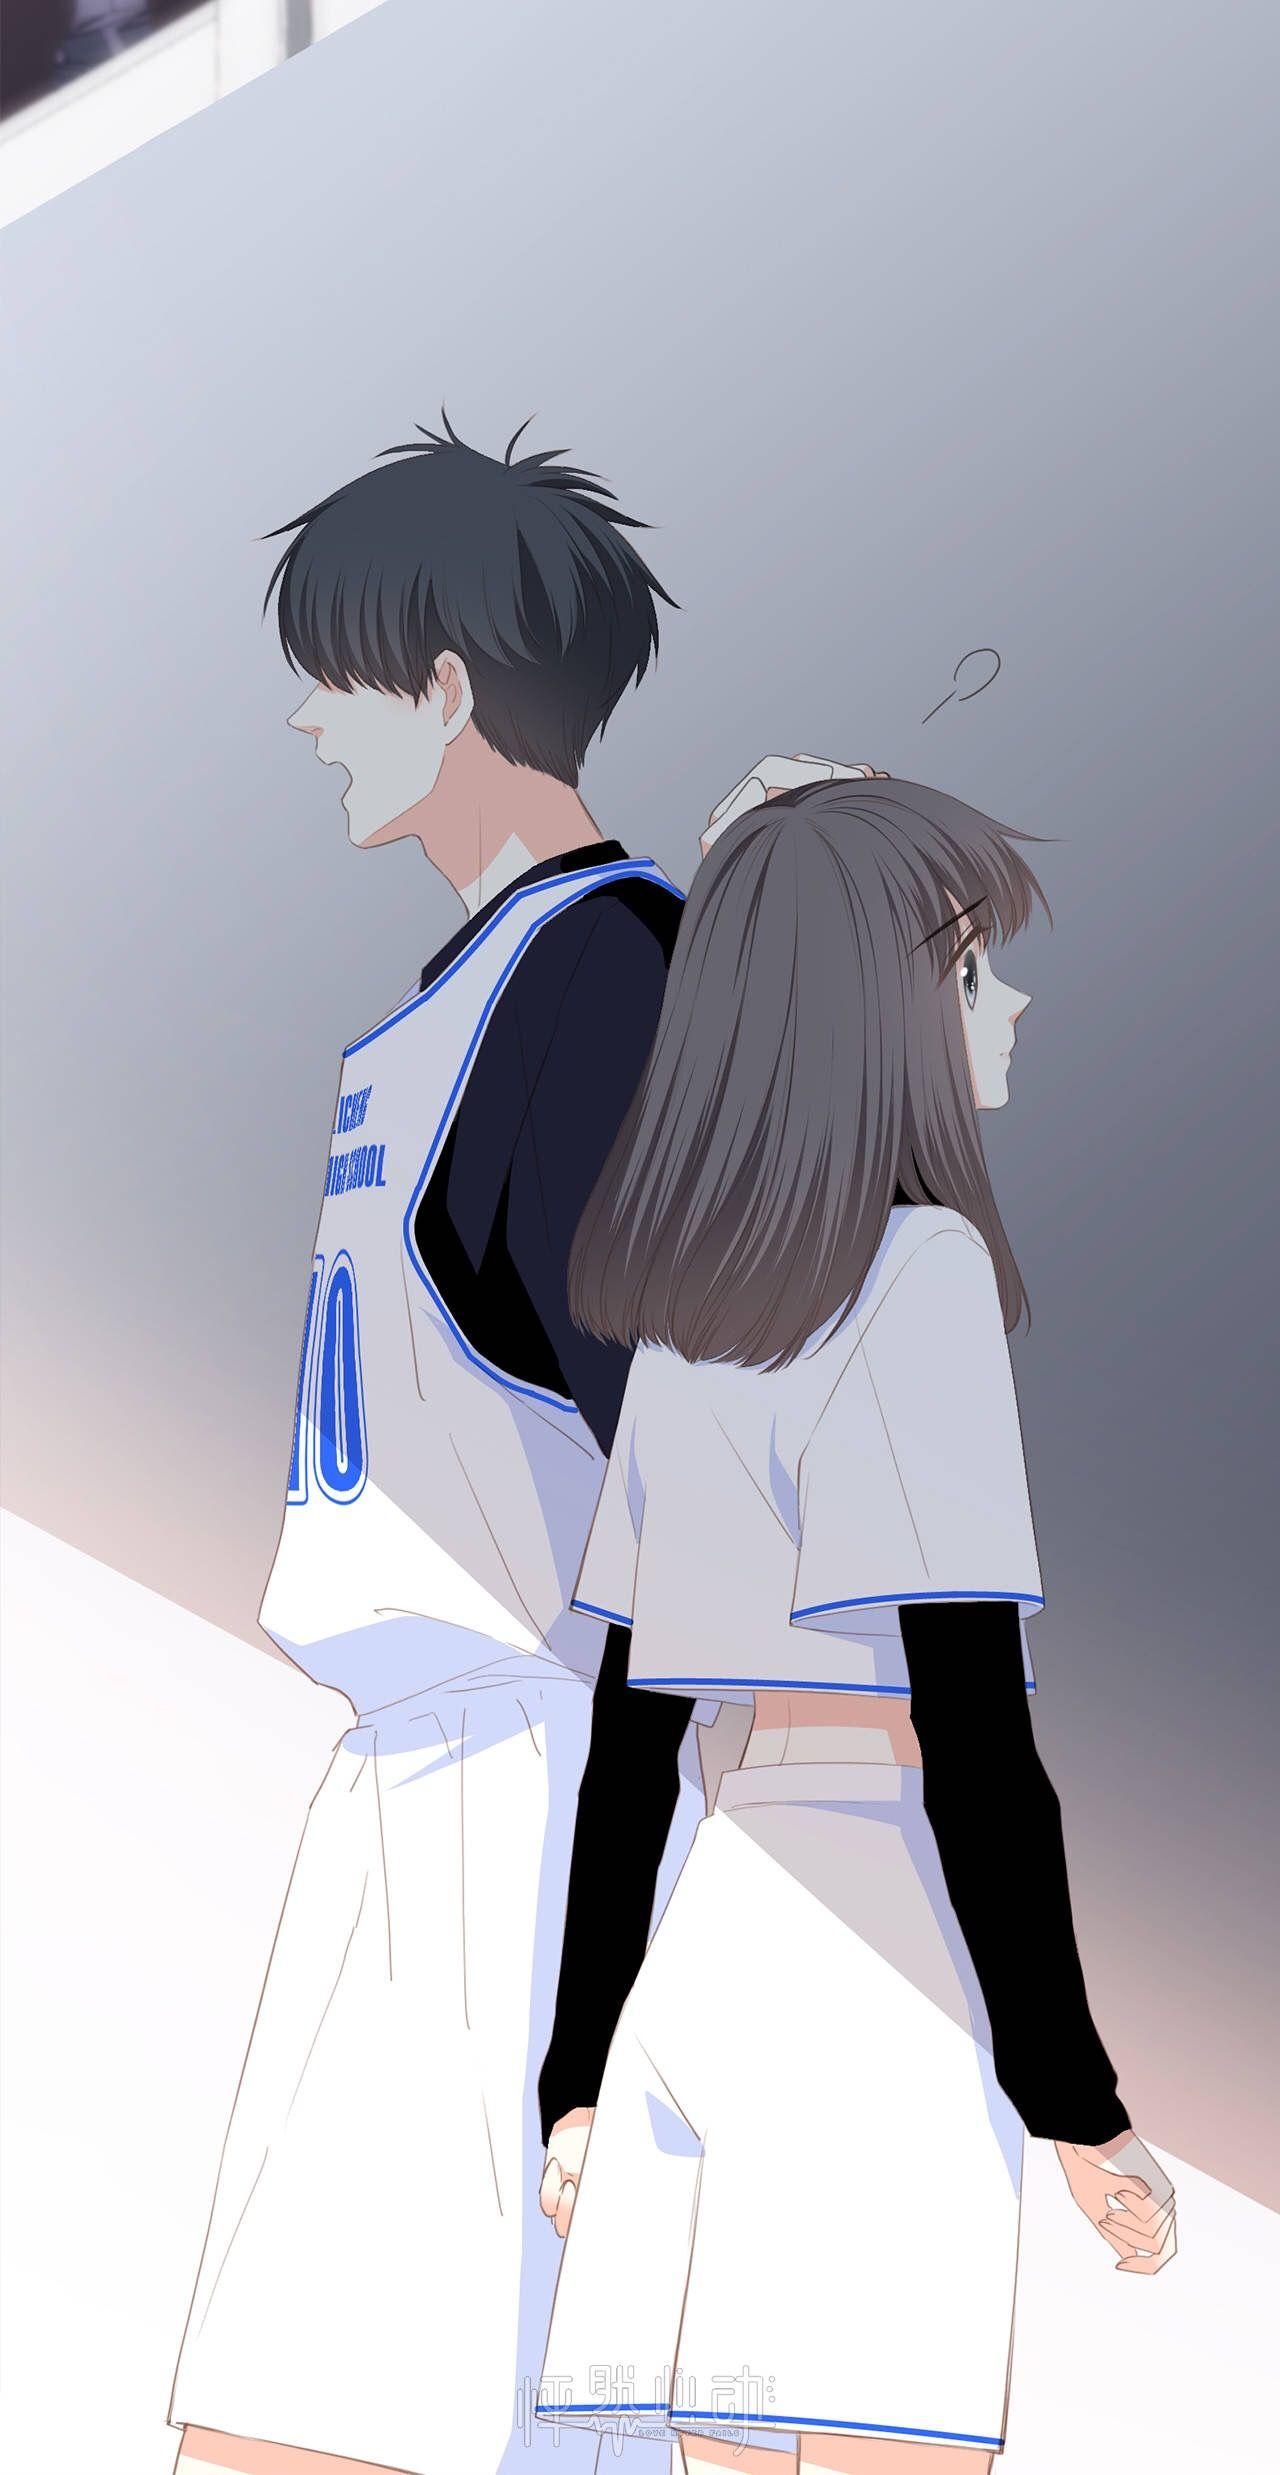 Like Someone Gambar Manga Pasangan Animasi Gadis Animasi